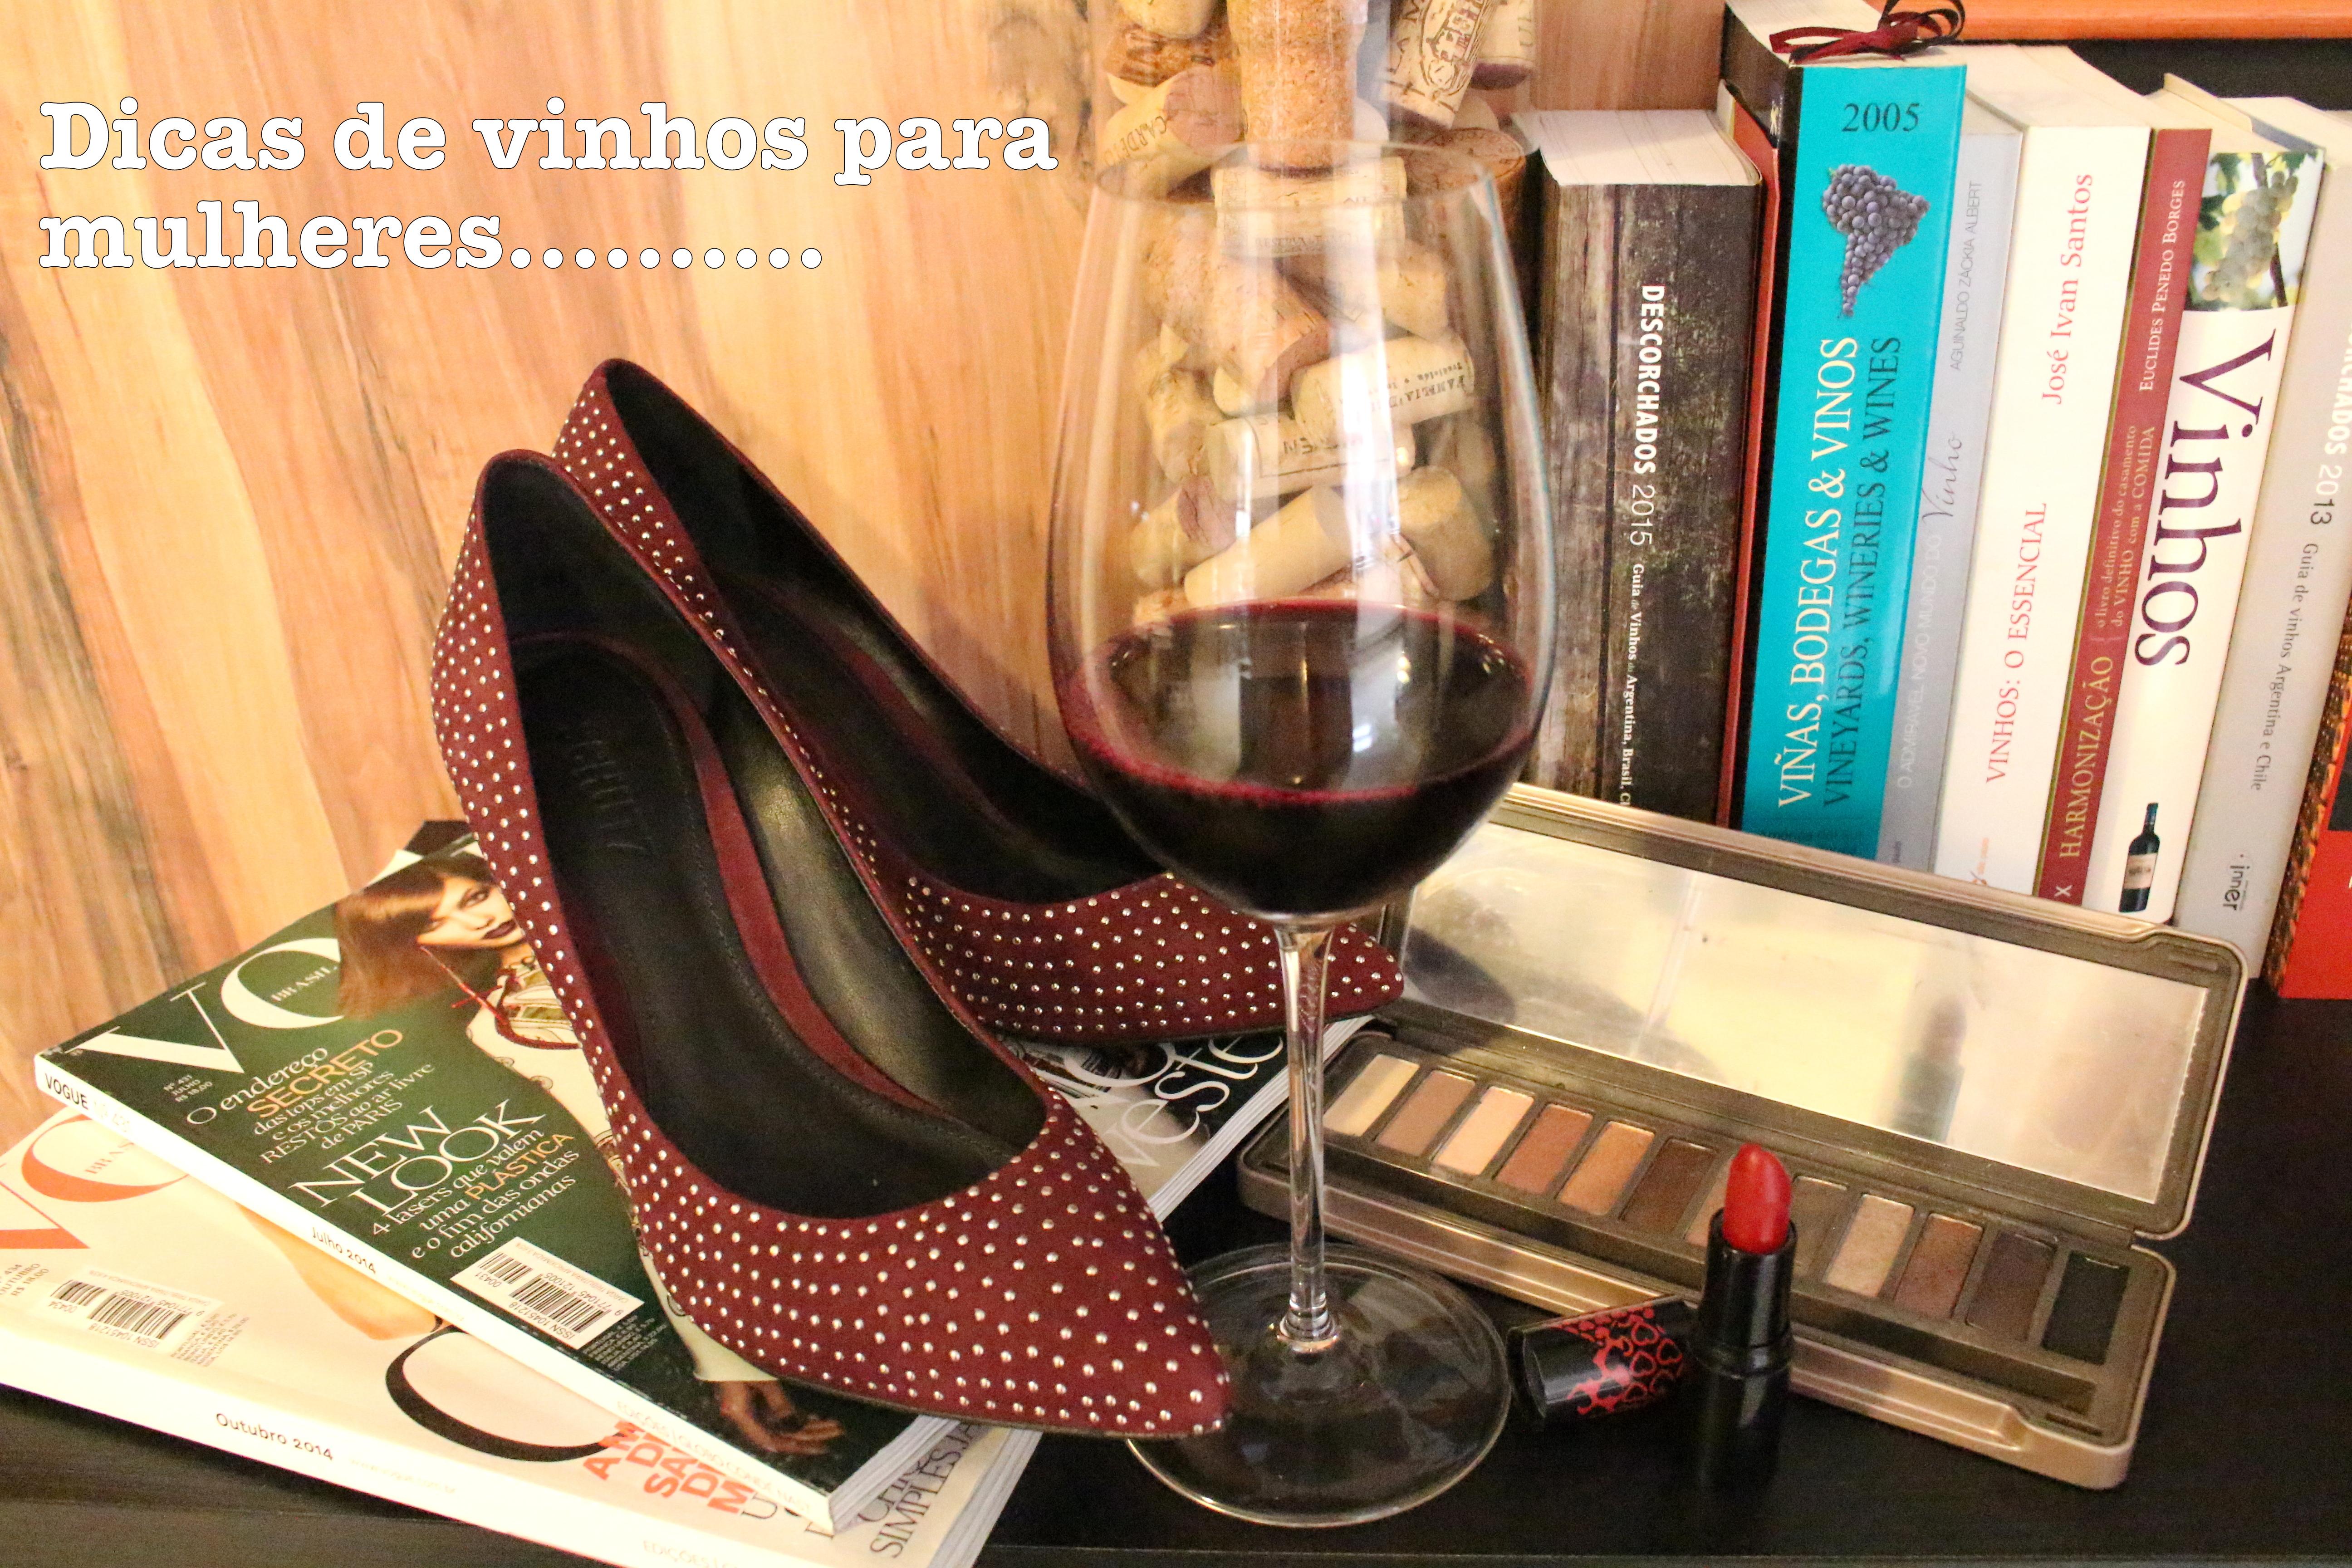 3 dicas de vinhos para mulheres